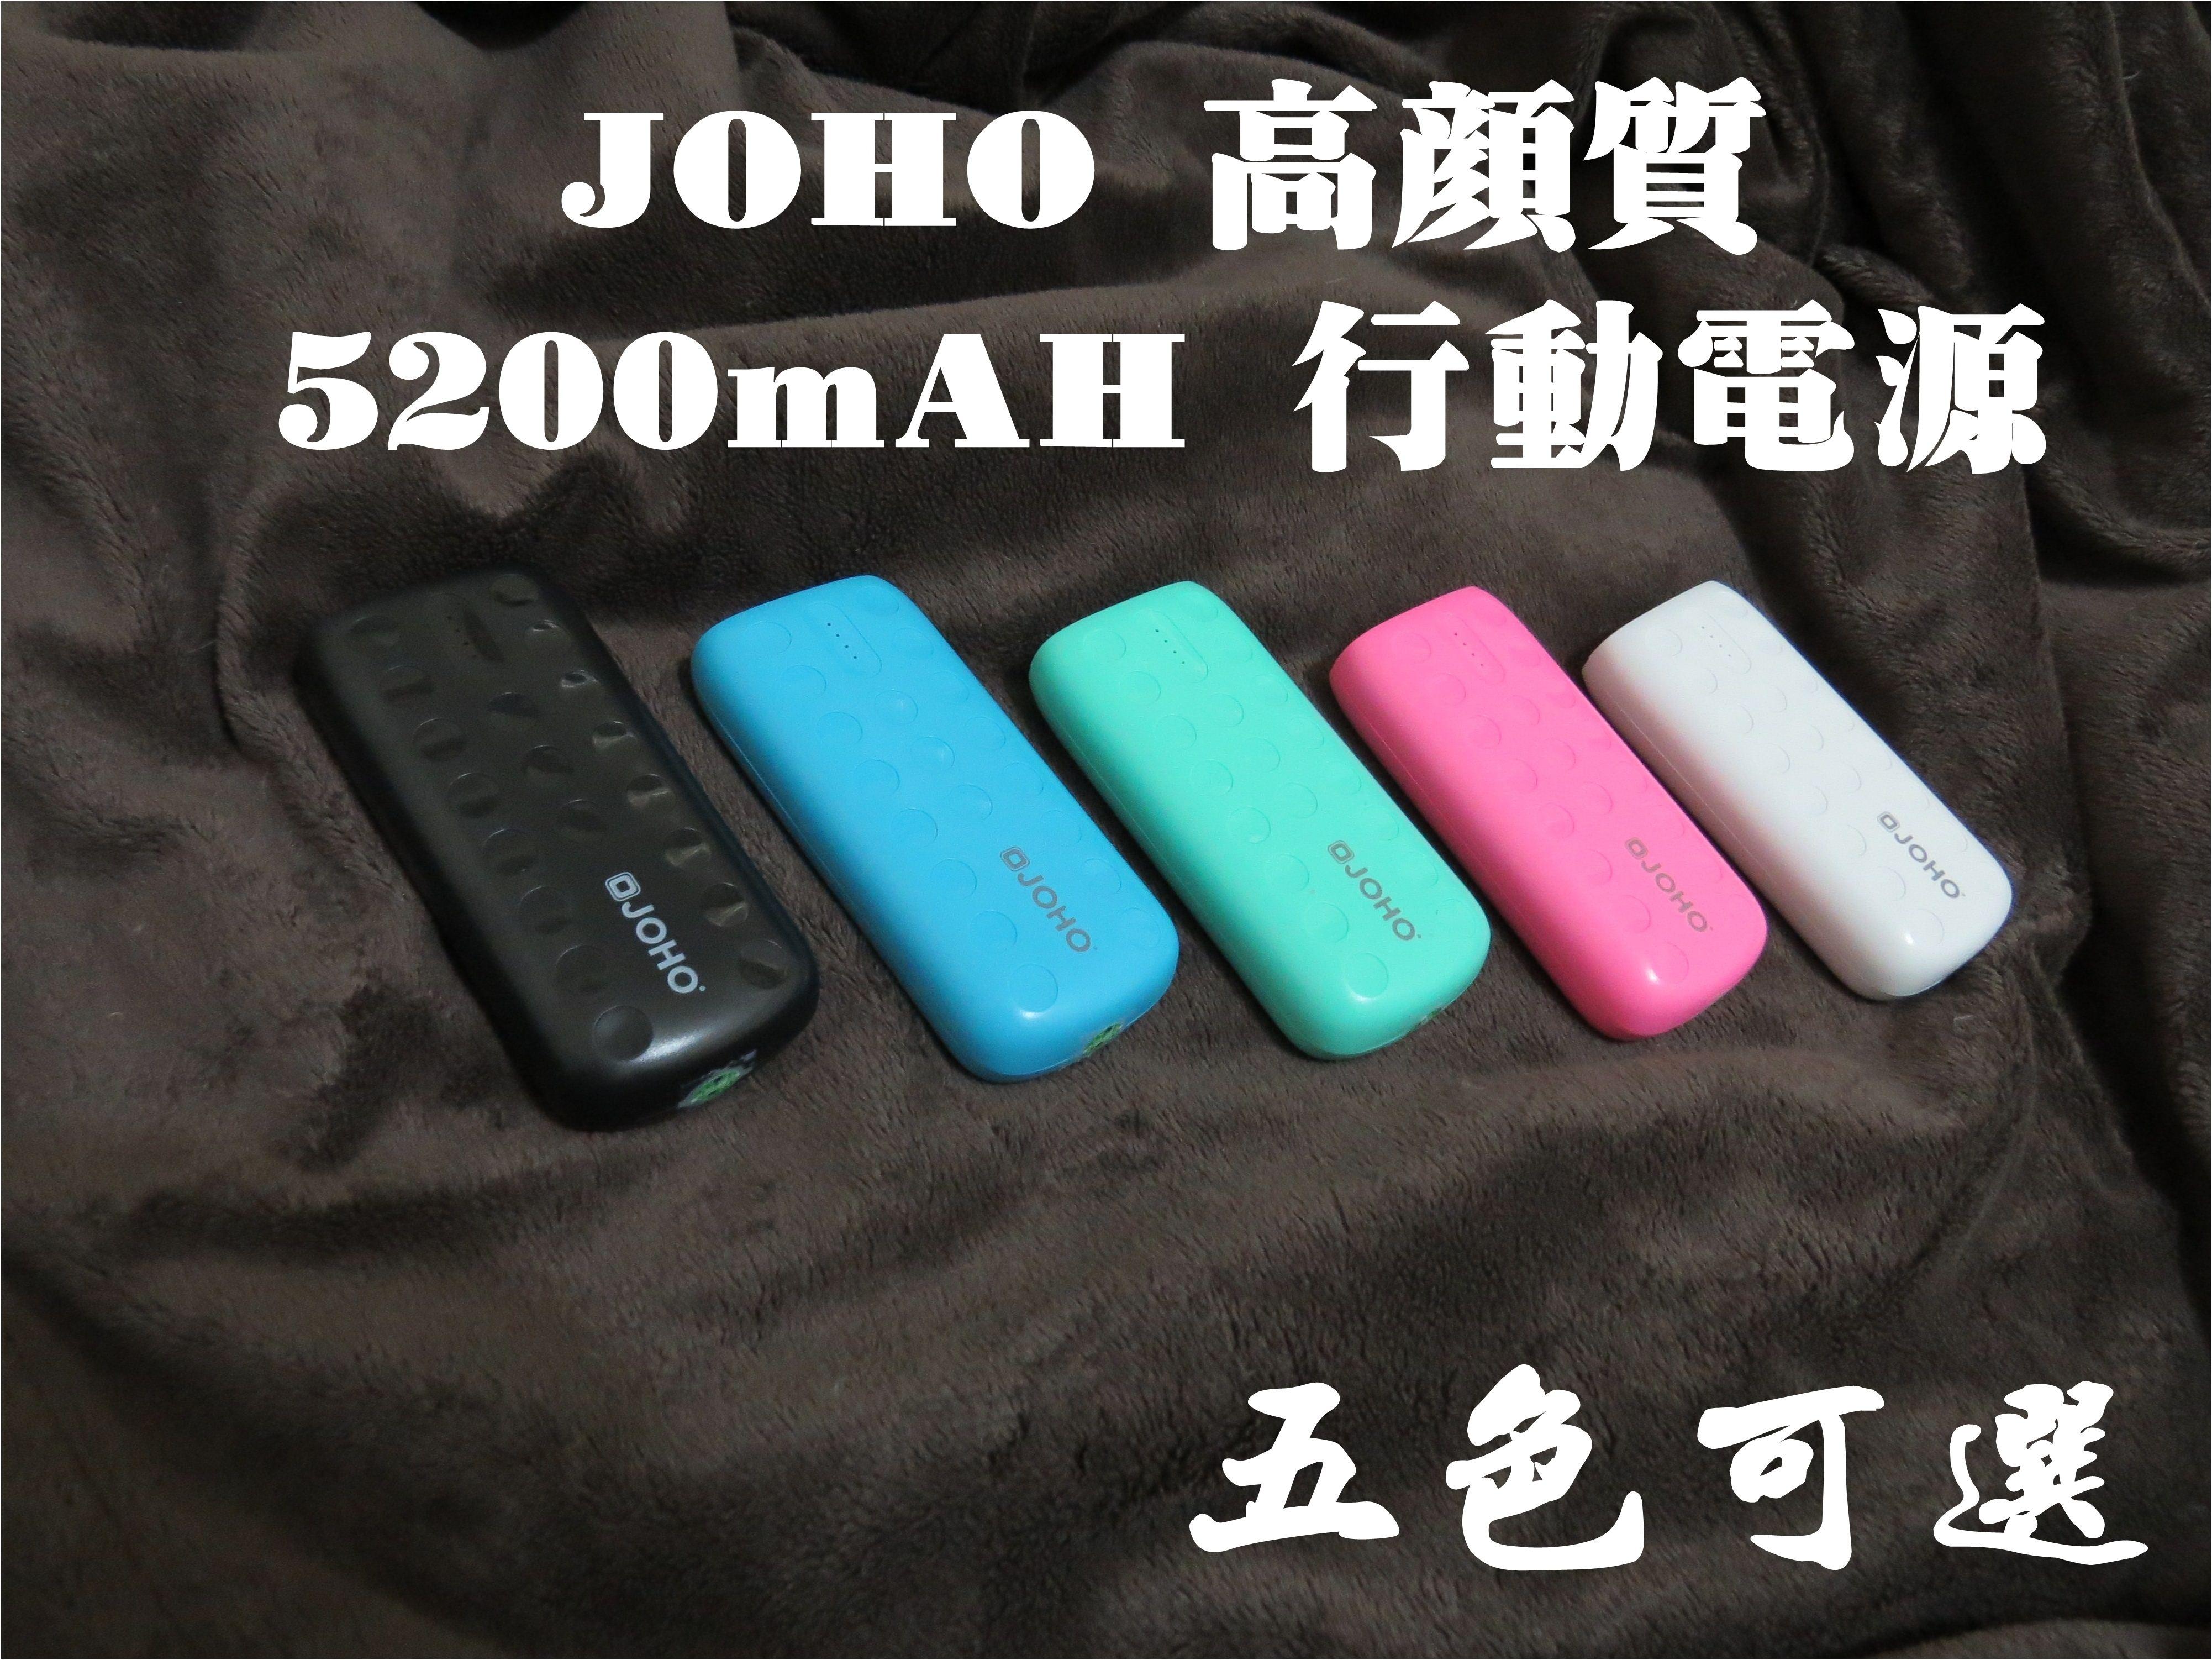 【迪特軍3C】JOHO 5200 mAH 行動電源 移動電源